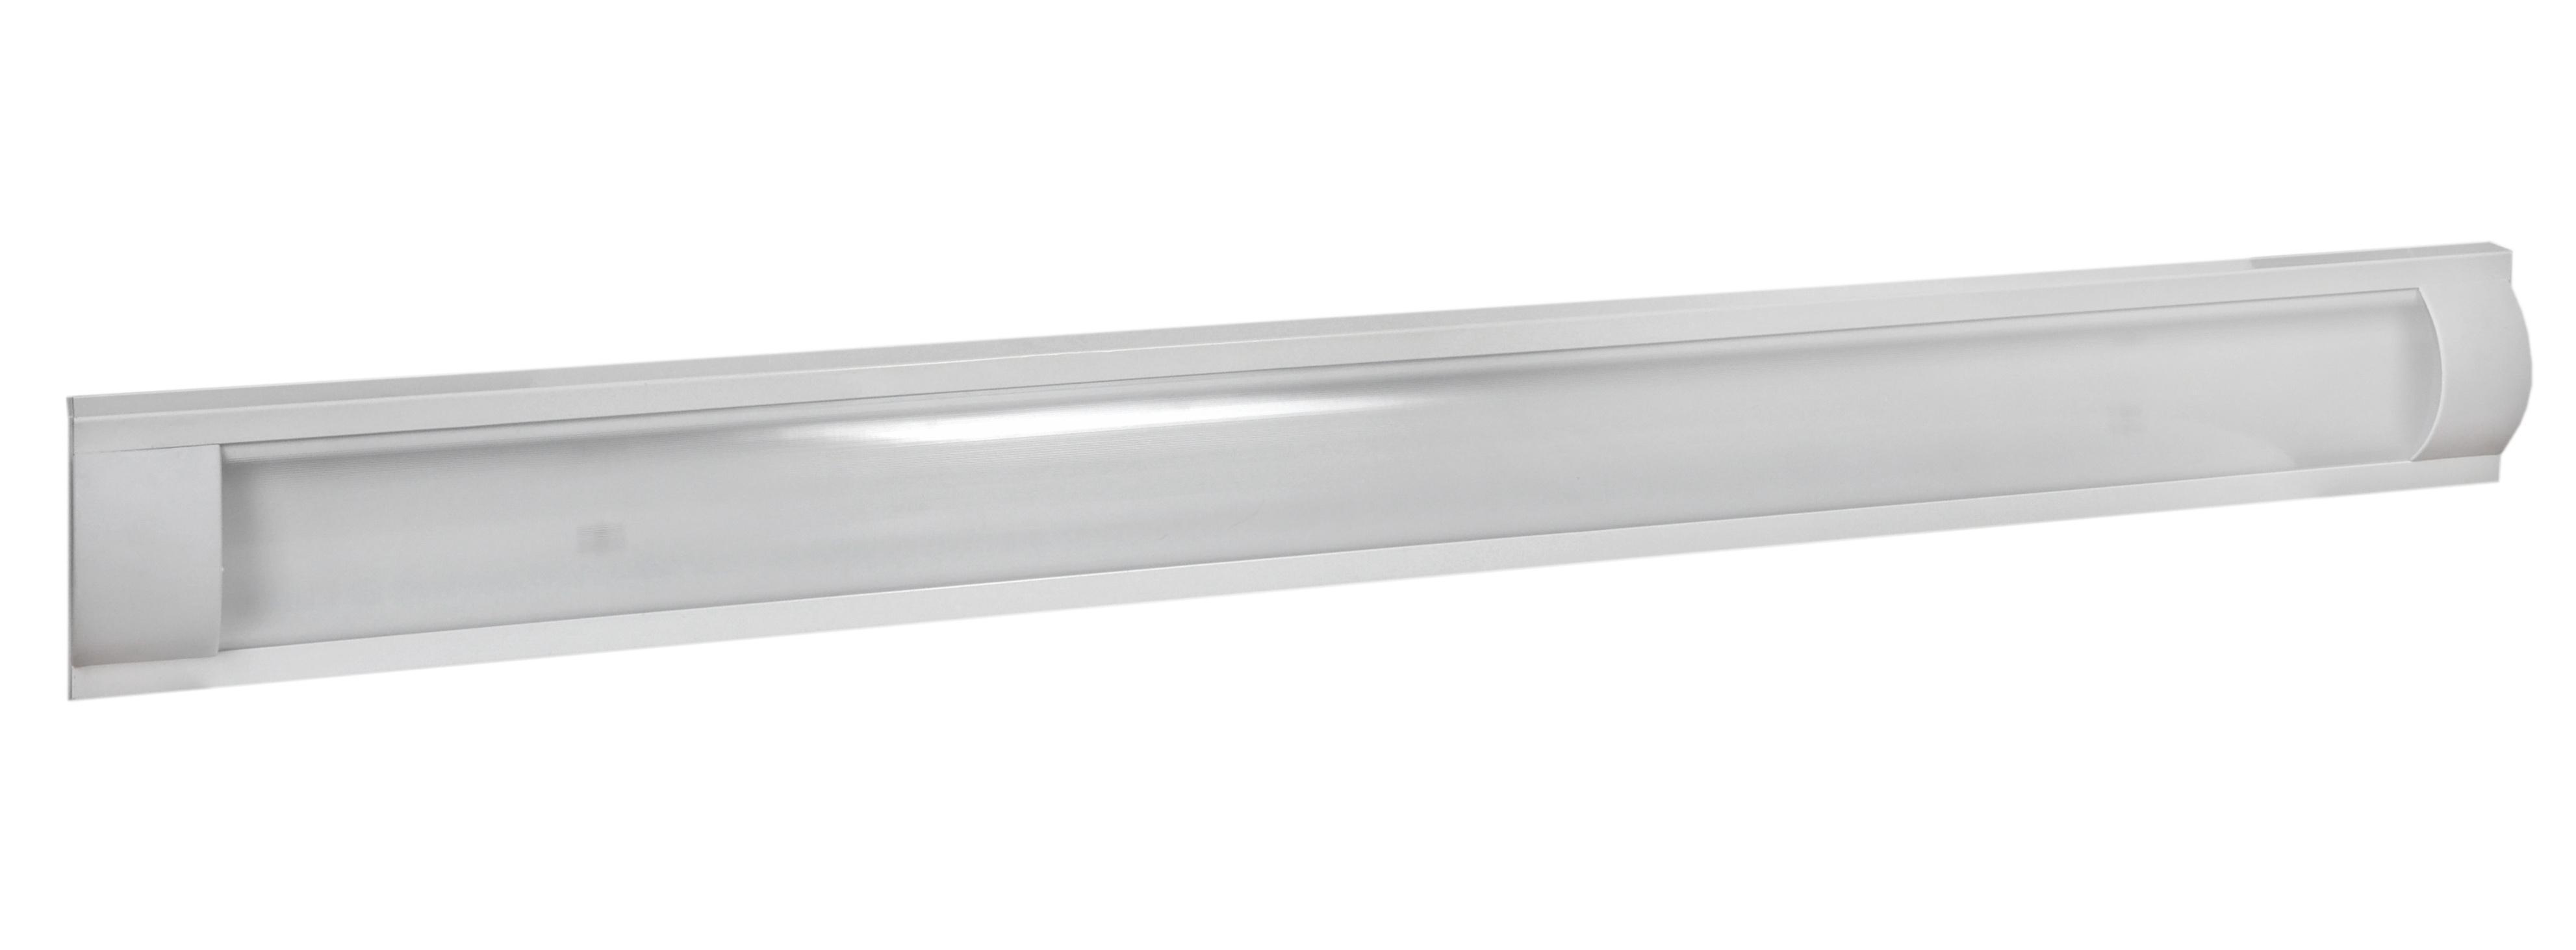 Светильник De fran Tl-3017 люминесцентный накладной т8 2*36Вт эпра без ламп белый цена